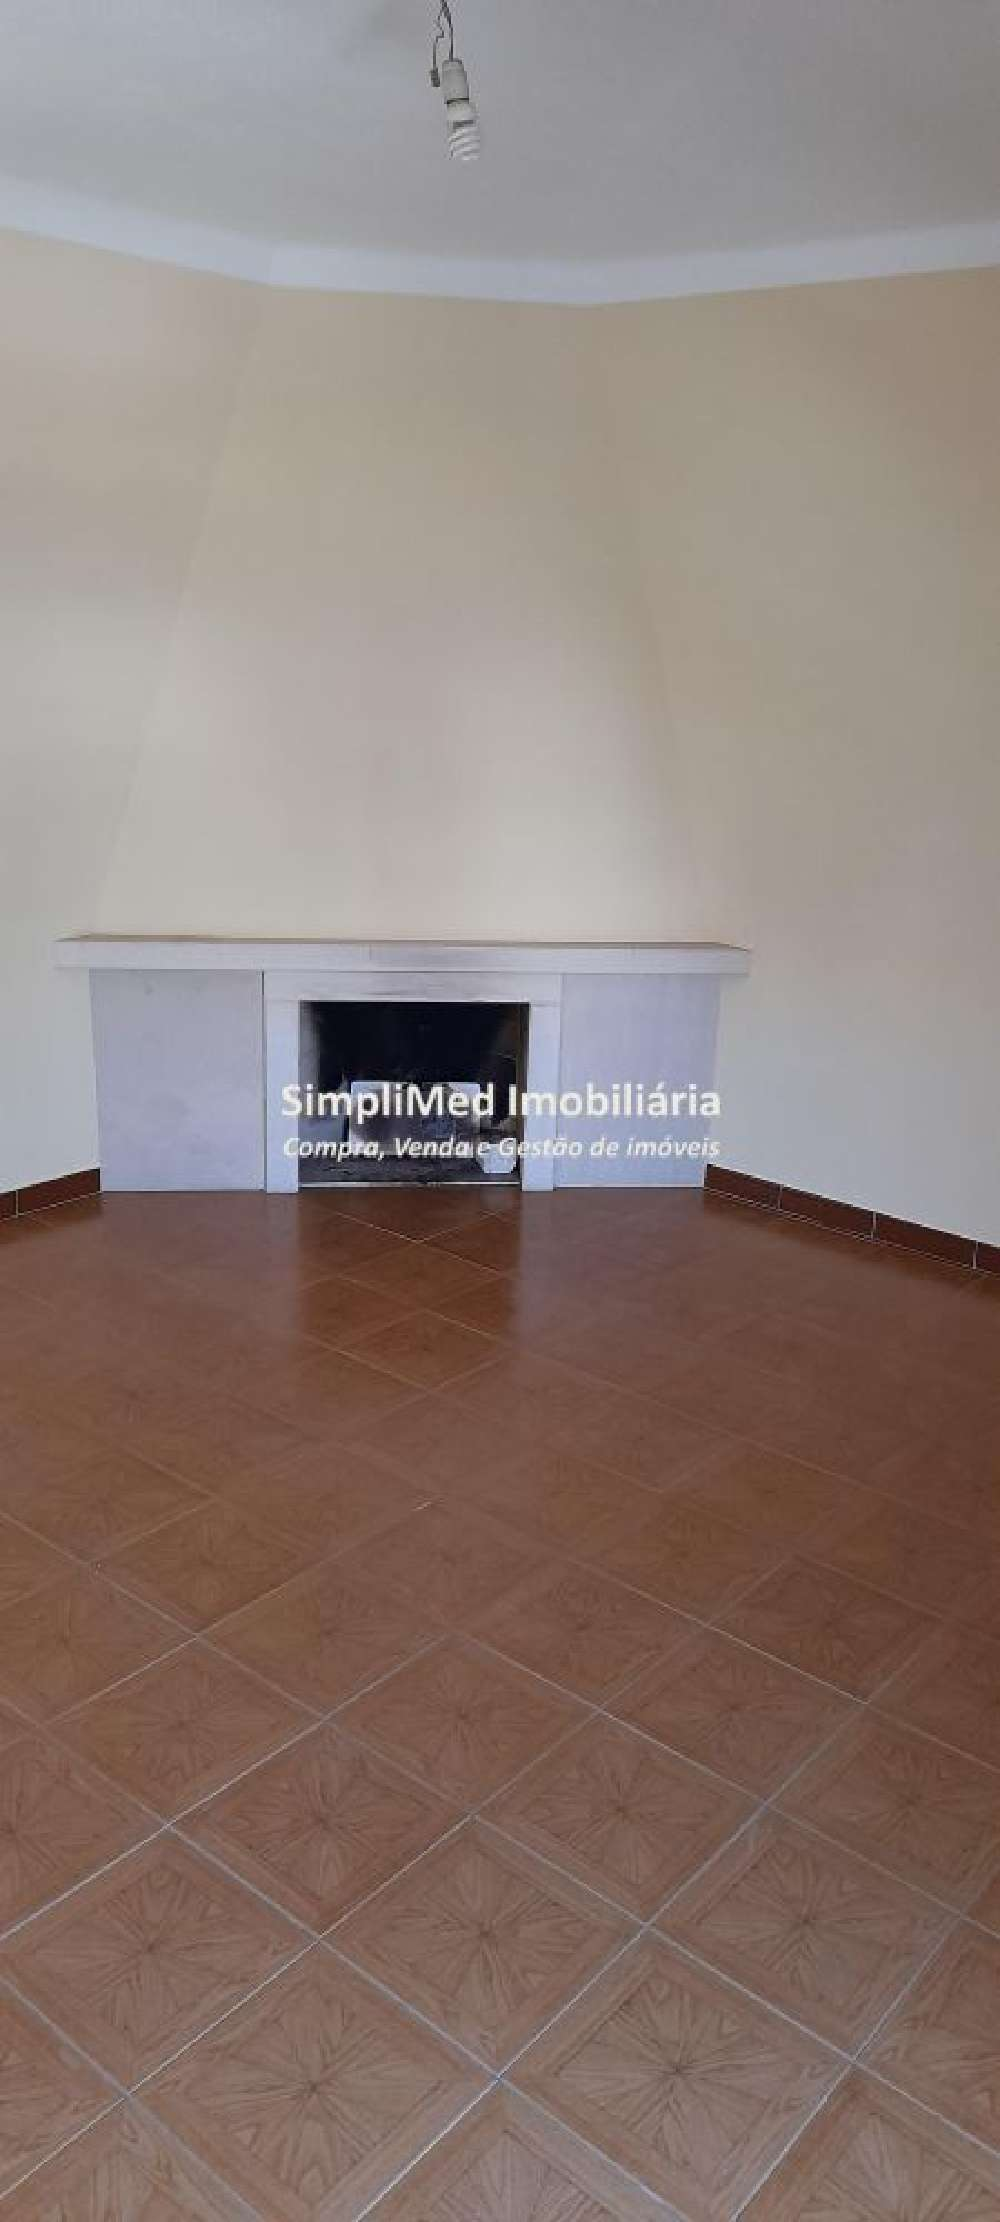 出售 公寓 Abrantes Santarém 1